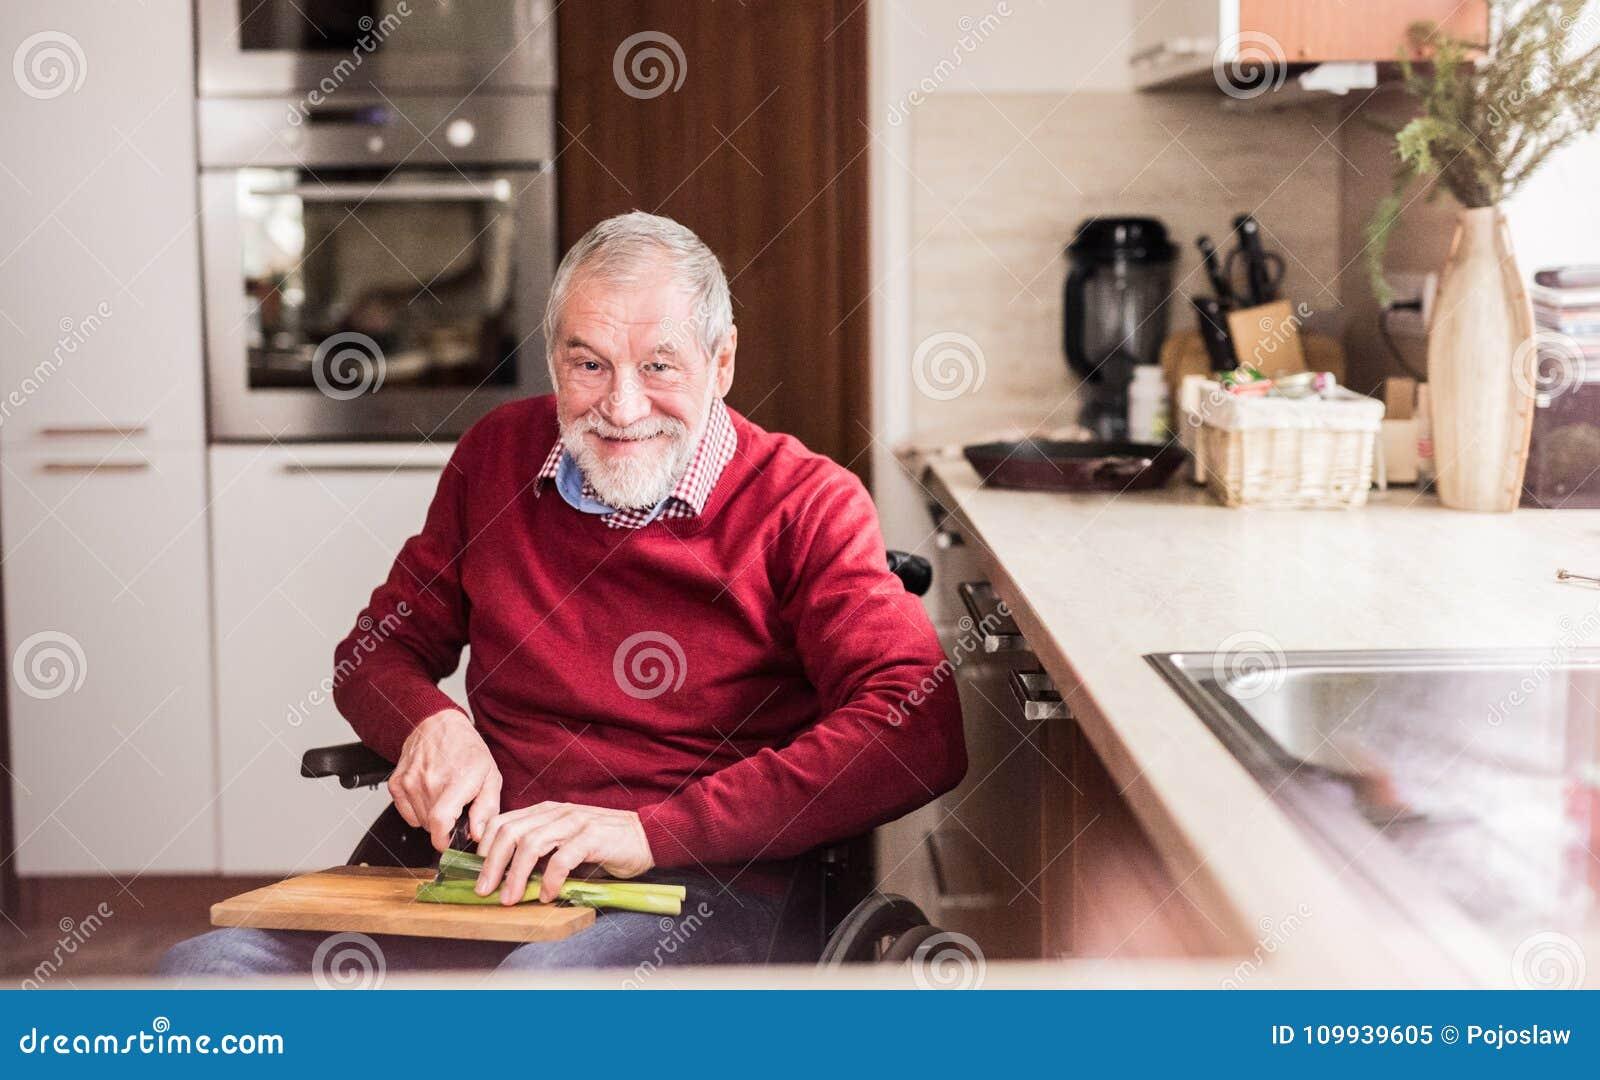 轮椅的老人烹调在厨房里的